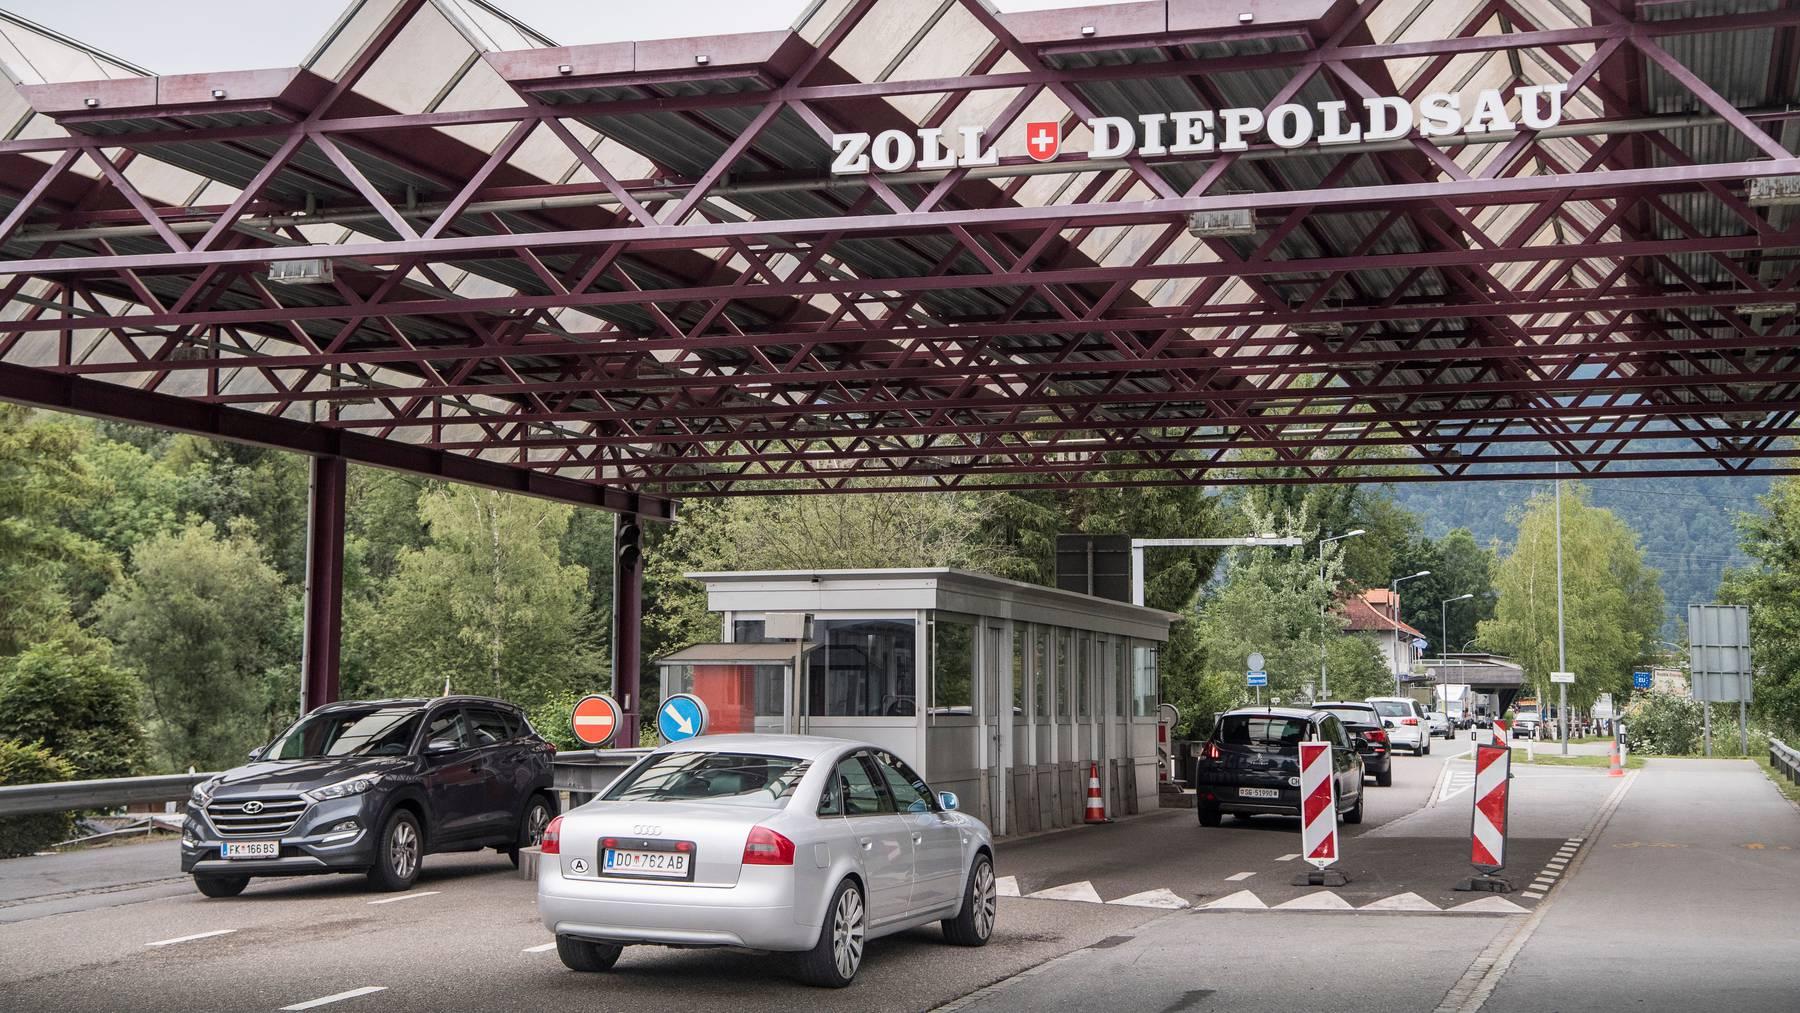 Grenzübergang zu Österreich in Diepoldsau